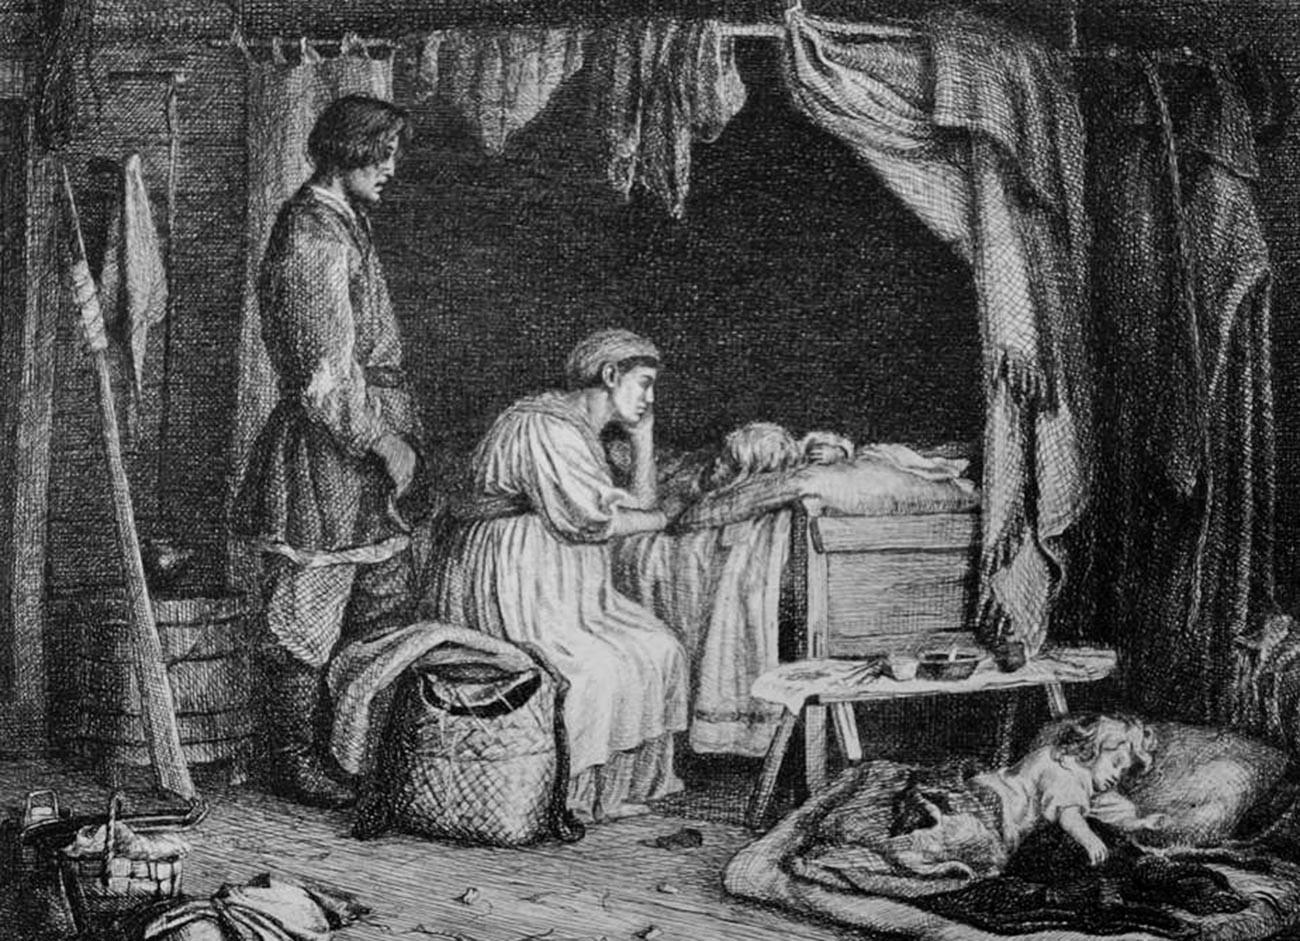 Večina kmečkih družin v Rusiji je bila obupno revnih. Rodilo se je veliko otrok, a od teh jih je veliko umrlo še v rosnih letih.